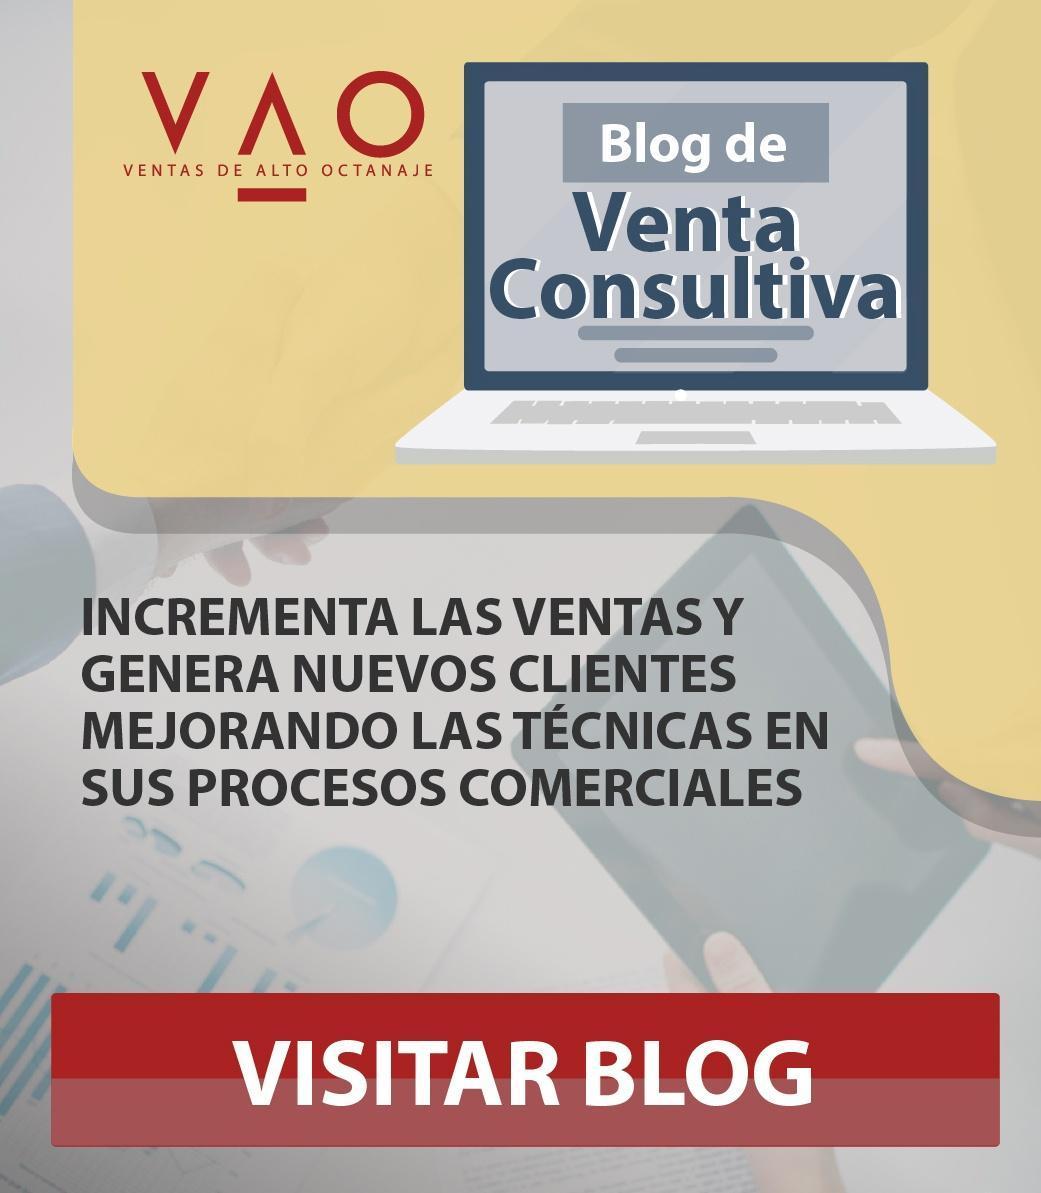 blog de venta consultiva